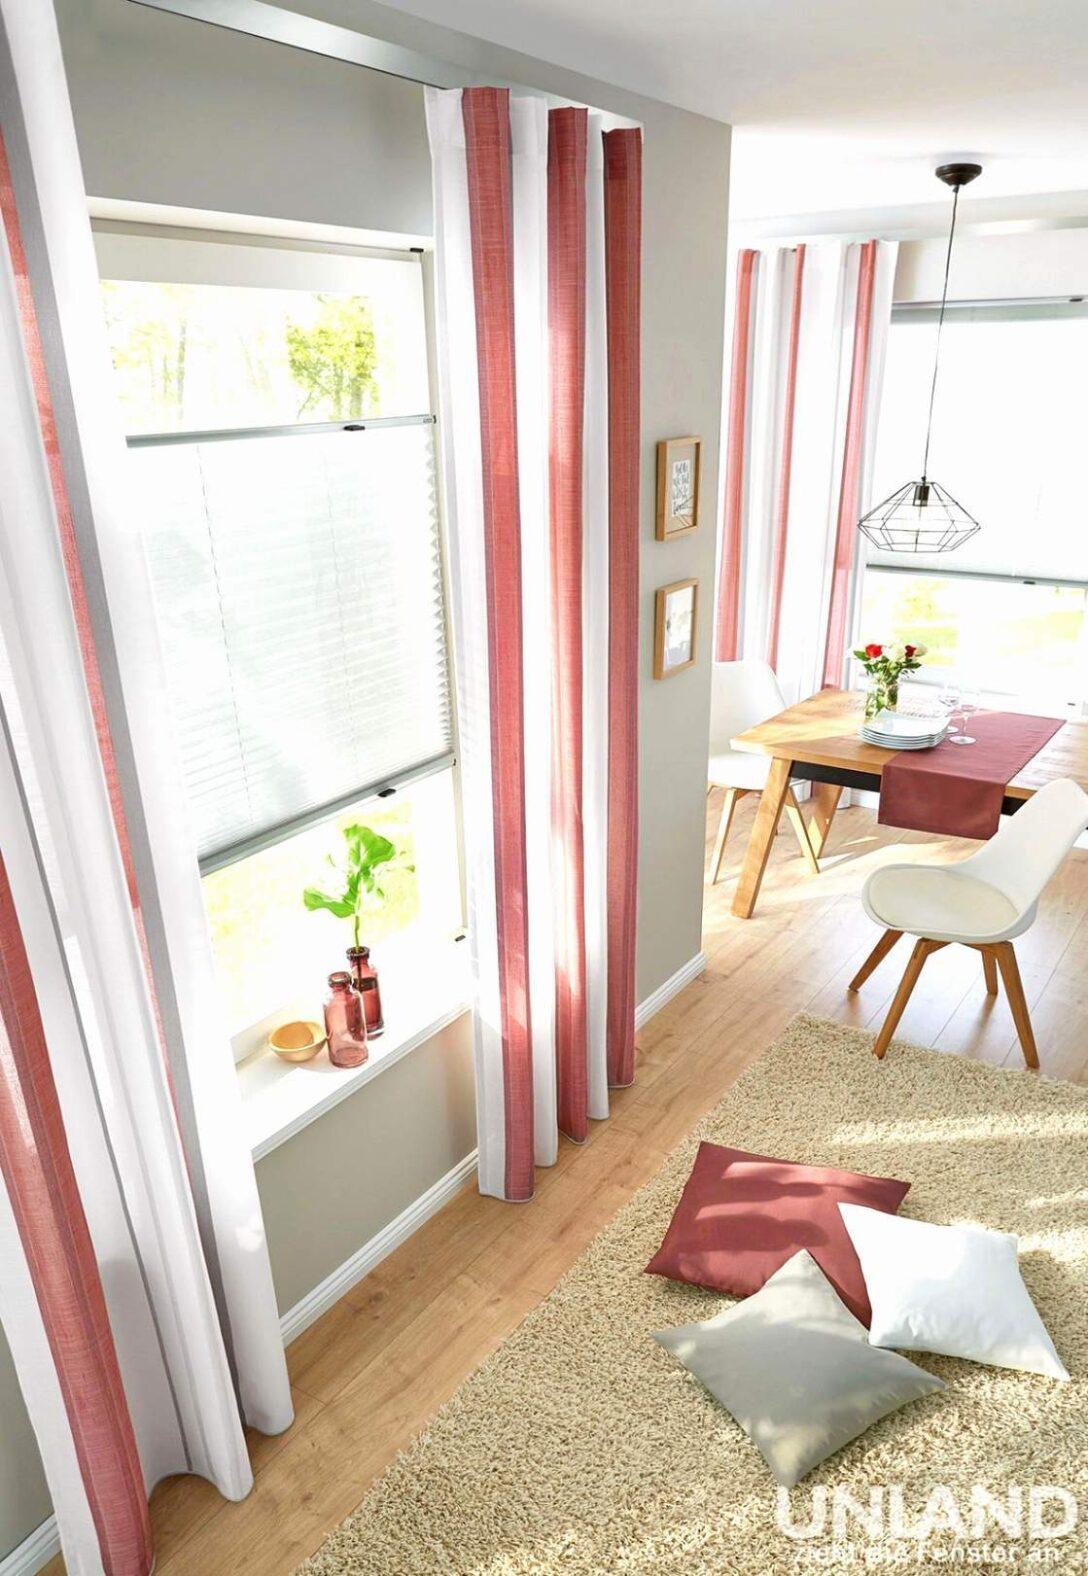 Large Size of Fototapete Grau Regal Schlafzimmer Chesterfield Sofa Weiß Küche Graues Bett 3er Hochglanz Stoff Xxl Wohnzimmer 3 Sitzer Big Fenster Wohnzimmer Fototapete Grau